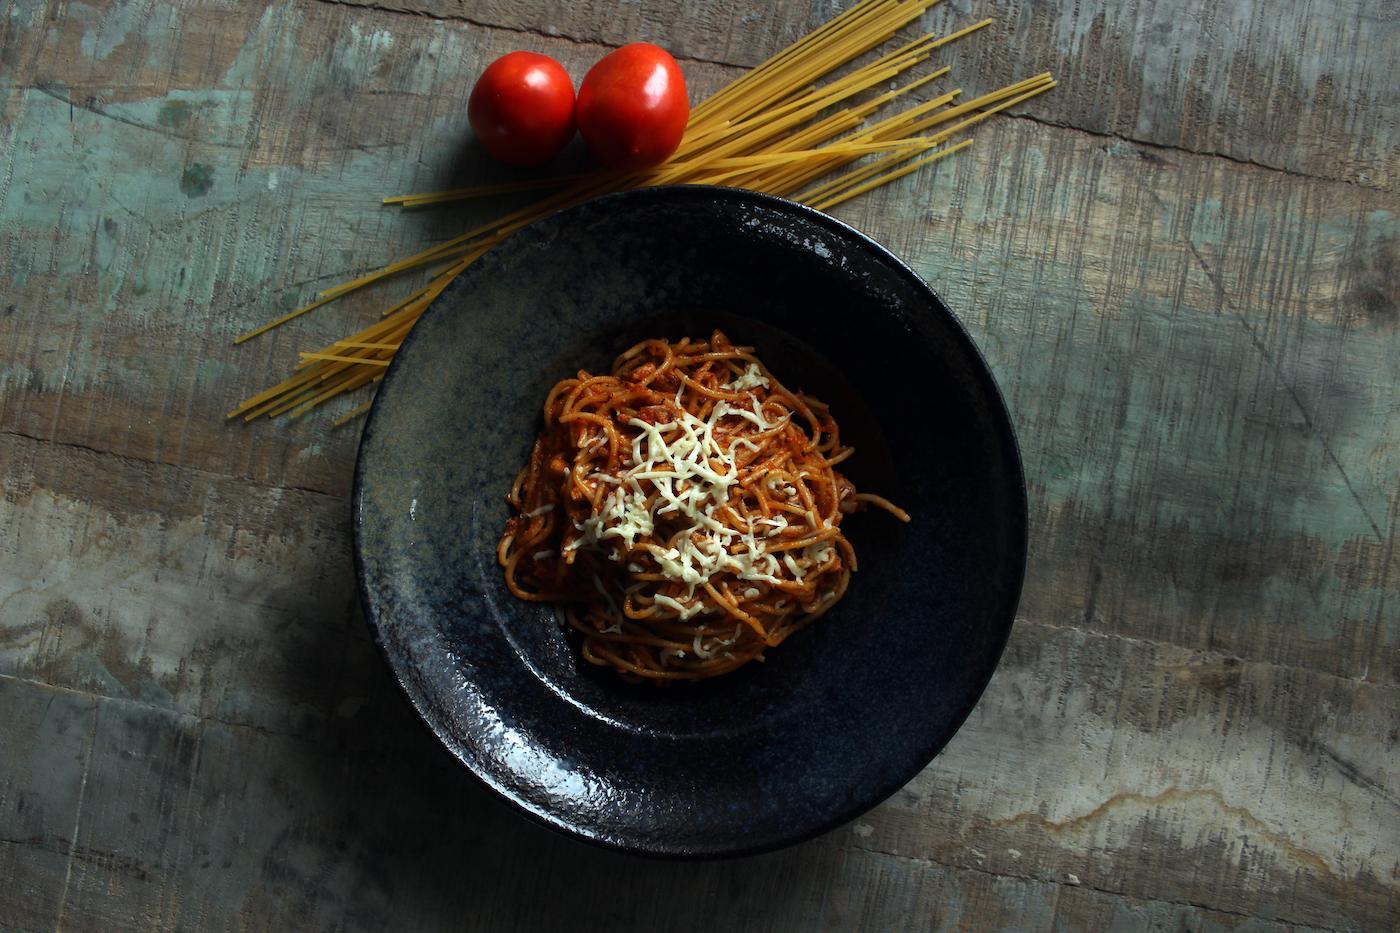 Spaghetti at The Nilaya